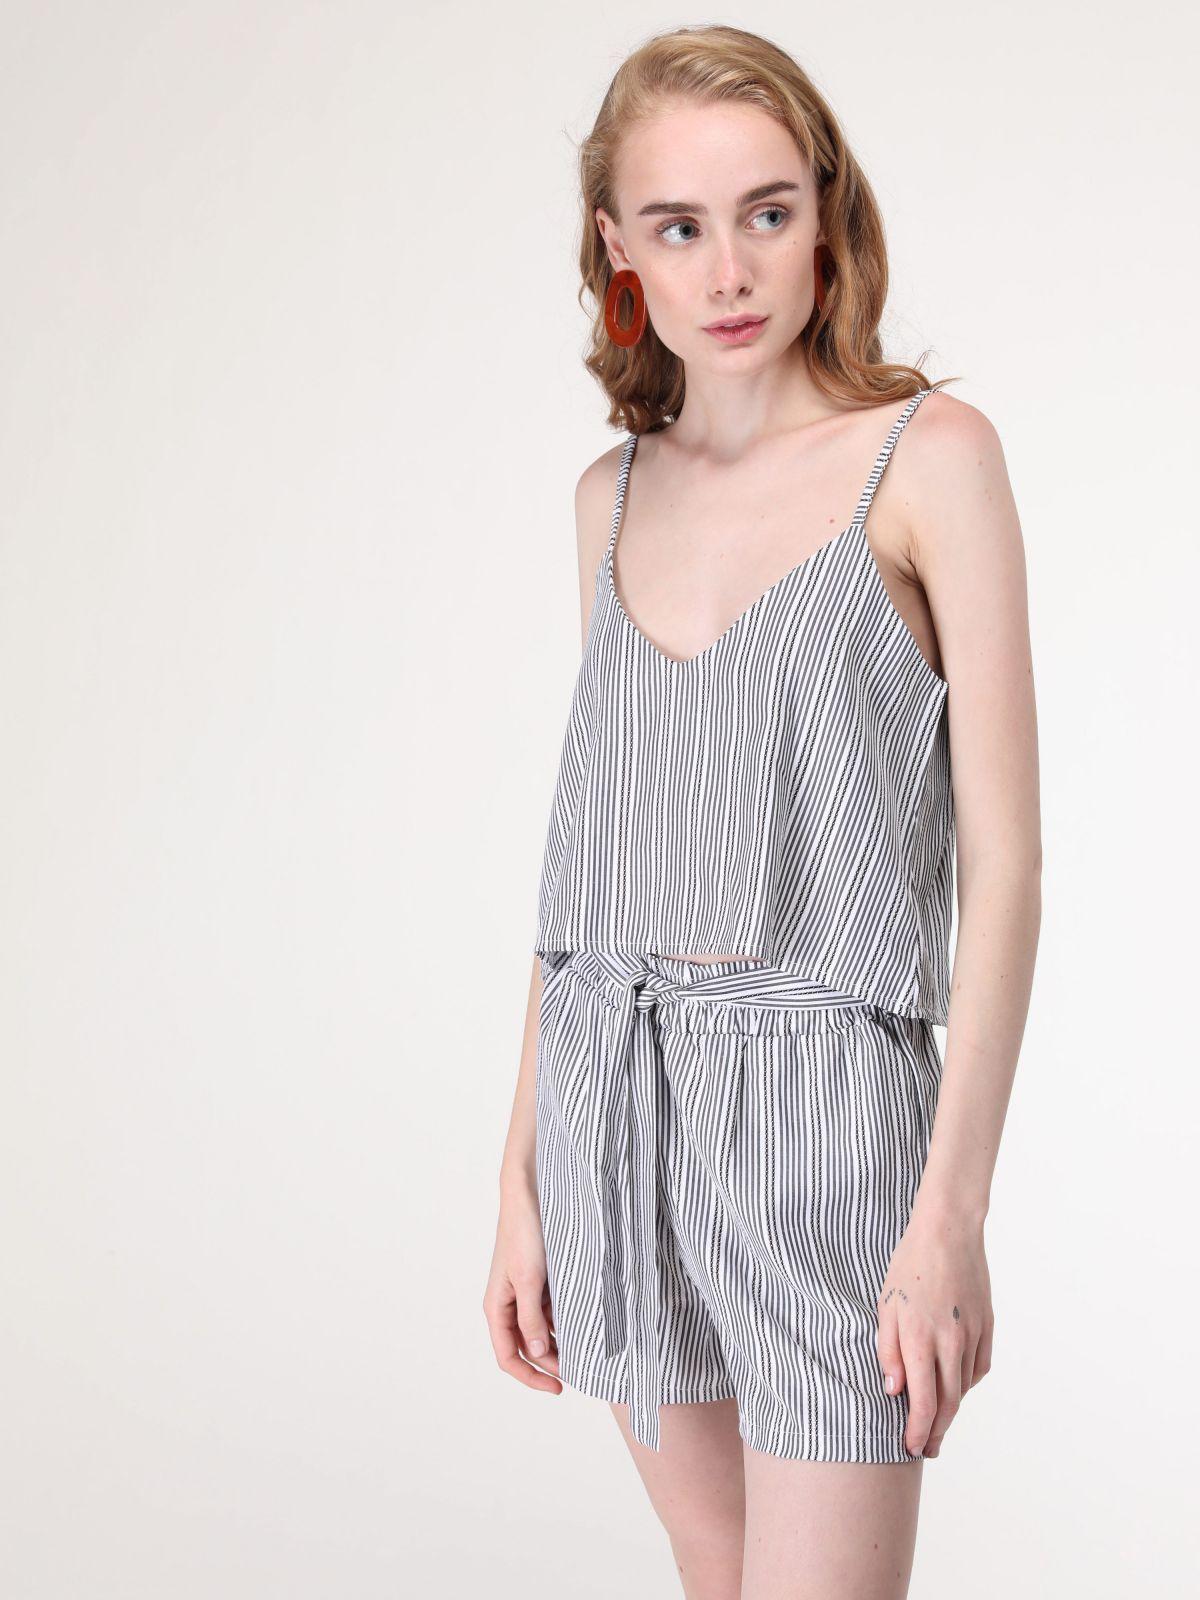 מכנסיים קצרים פסים עם חגורת קשירה במותן - חלק מחליפהמכנסיים קצרים פסים עם חגורת קשירה במותן - חלק מחליפה של YANGA